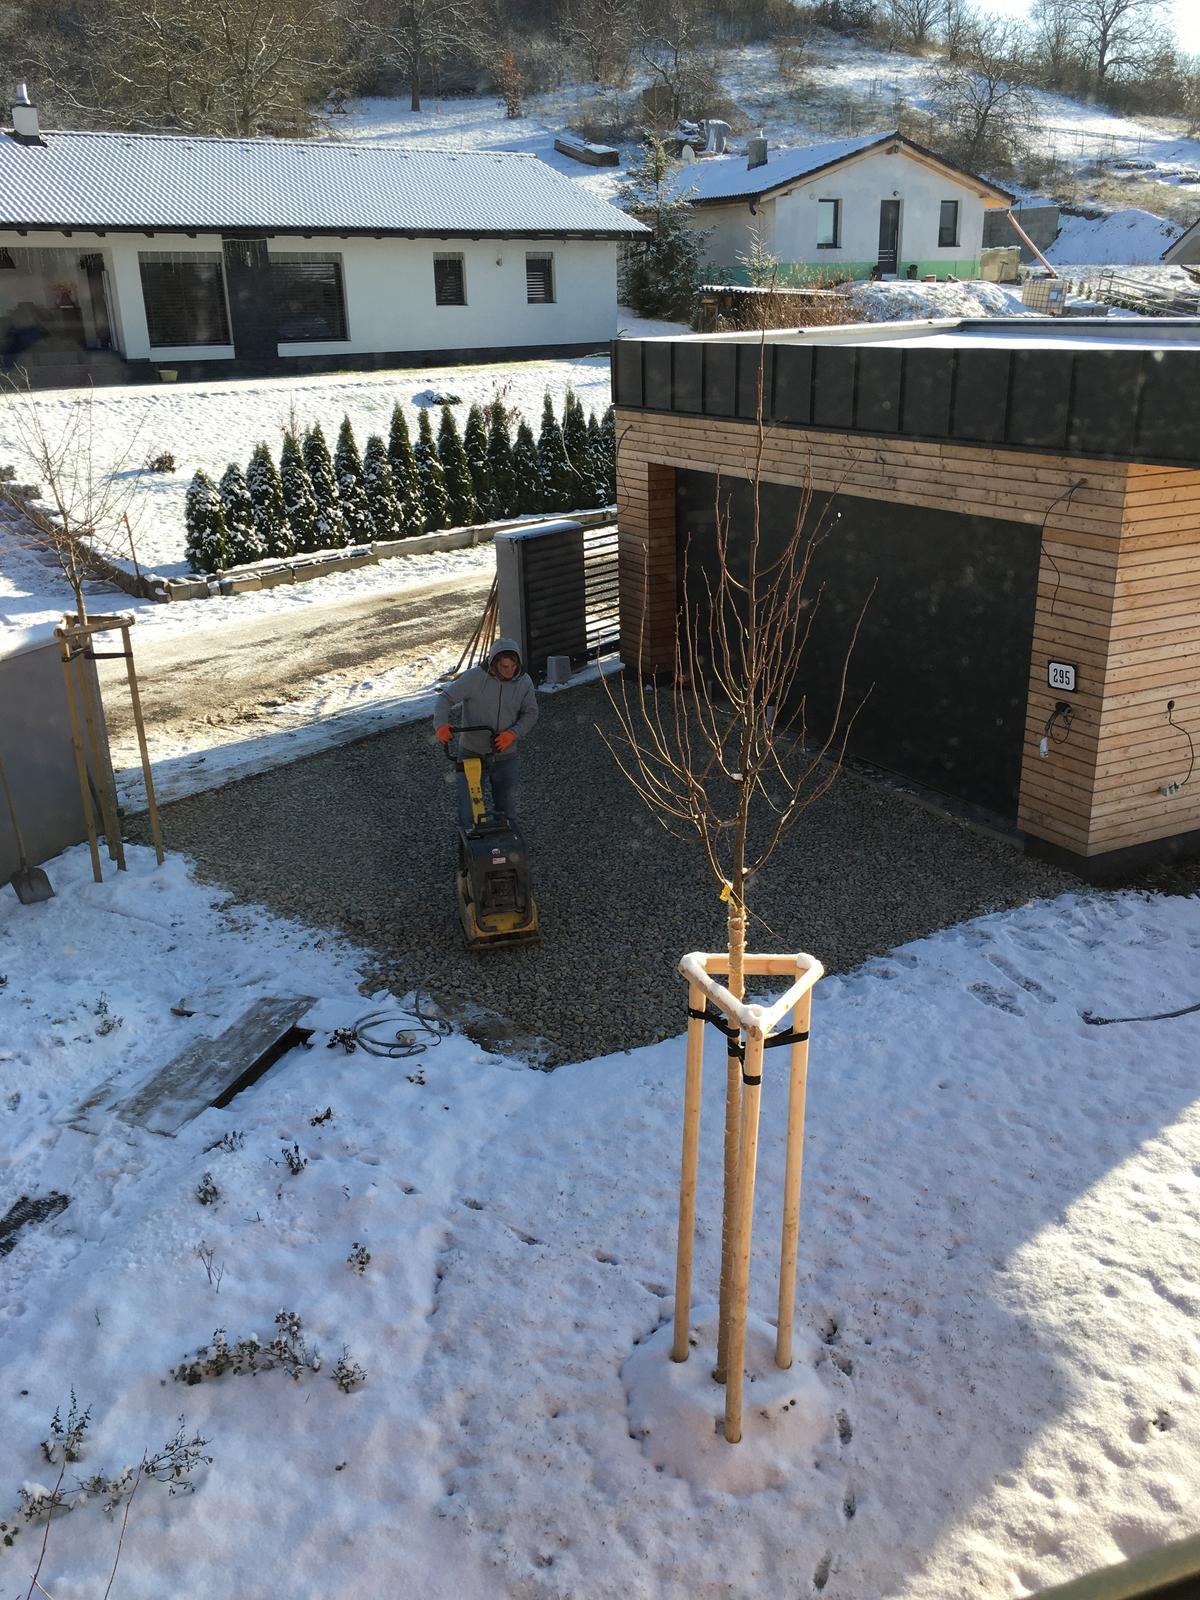 Záhrada v starom sade - A sneh nesneh u nás sa pracuje na parkovacom mieste a chodníku. Možno sa tento rok sa dostaneme ku dverám bez zablatených topánok a s autami konečne do garáže bez stavania rámp 😄🤞